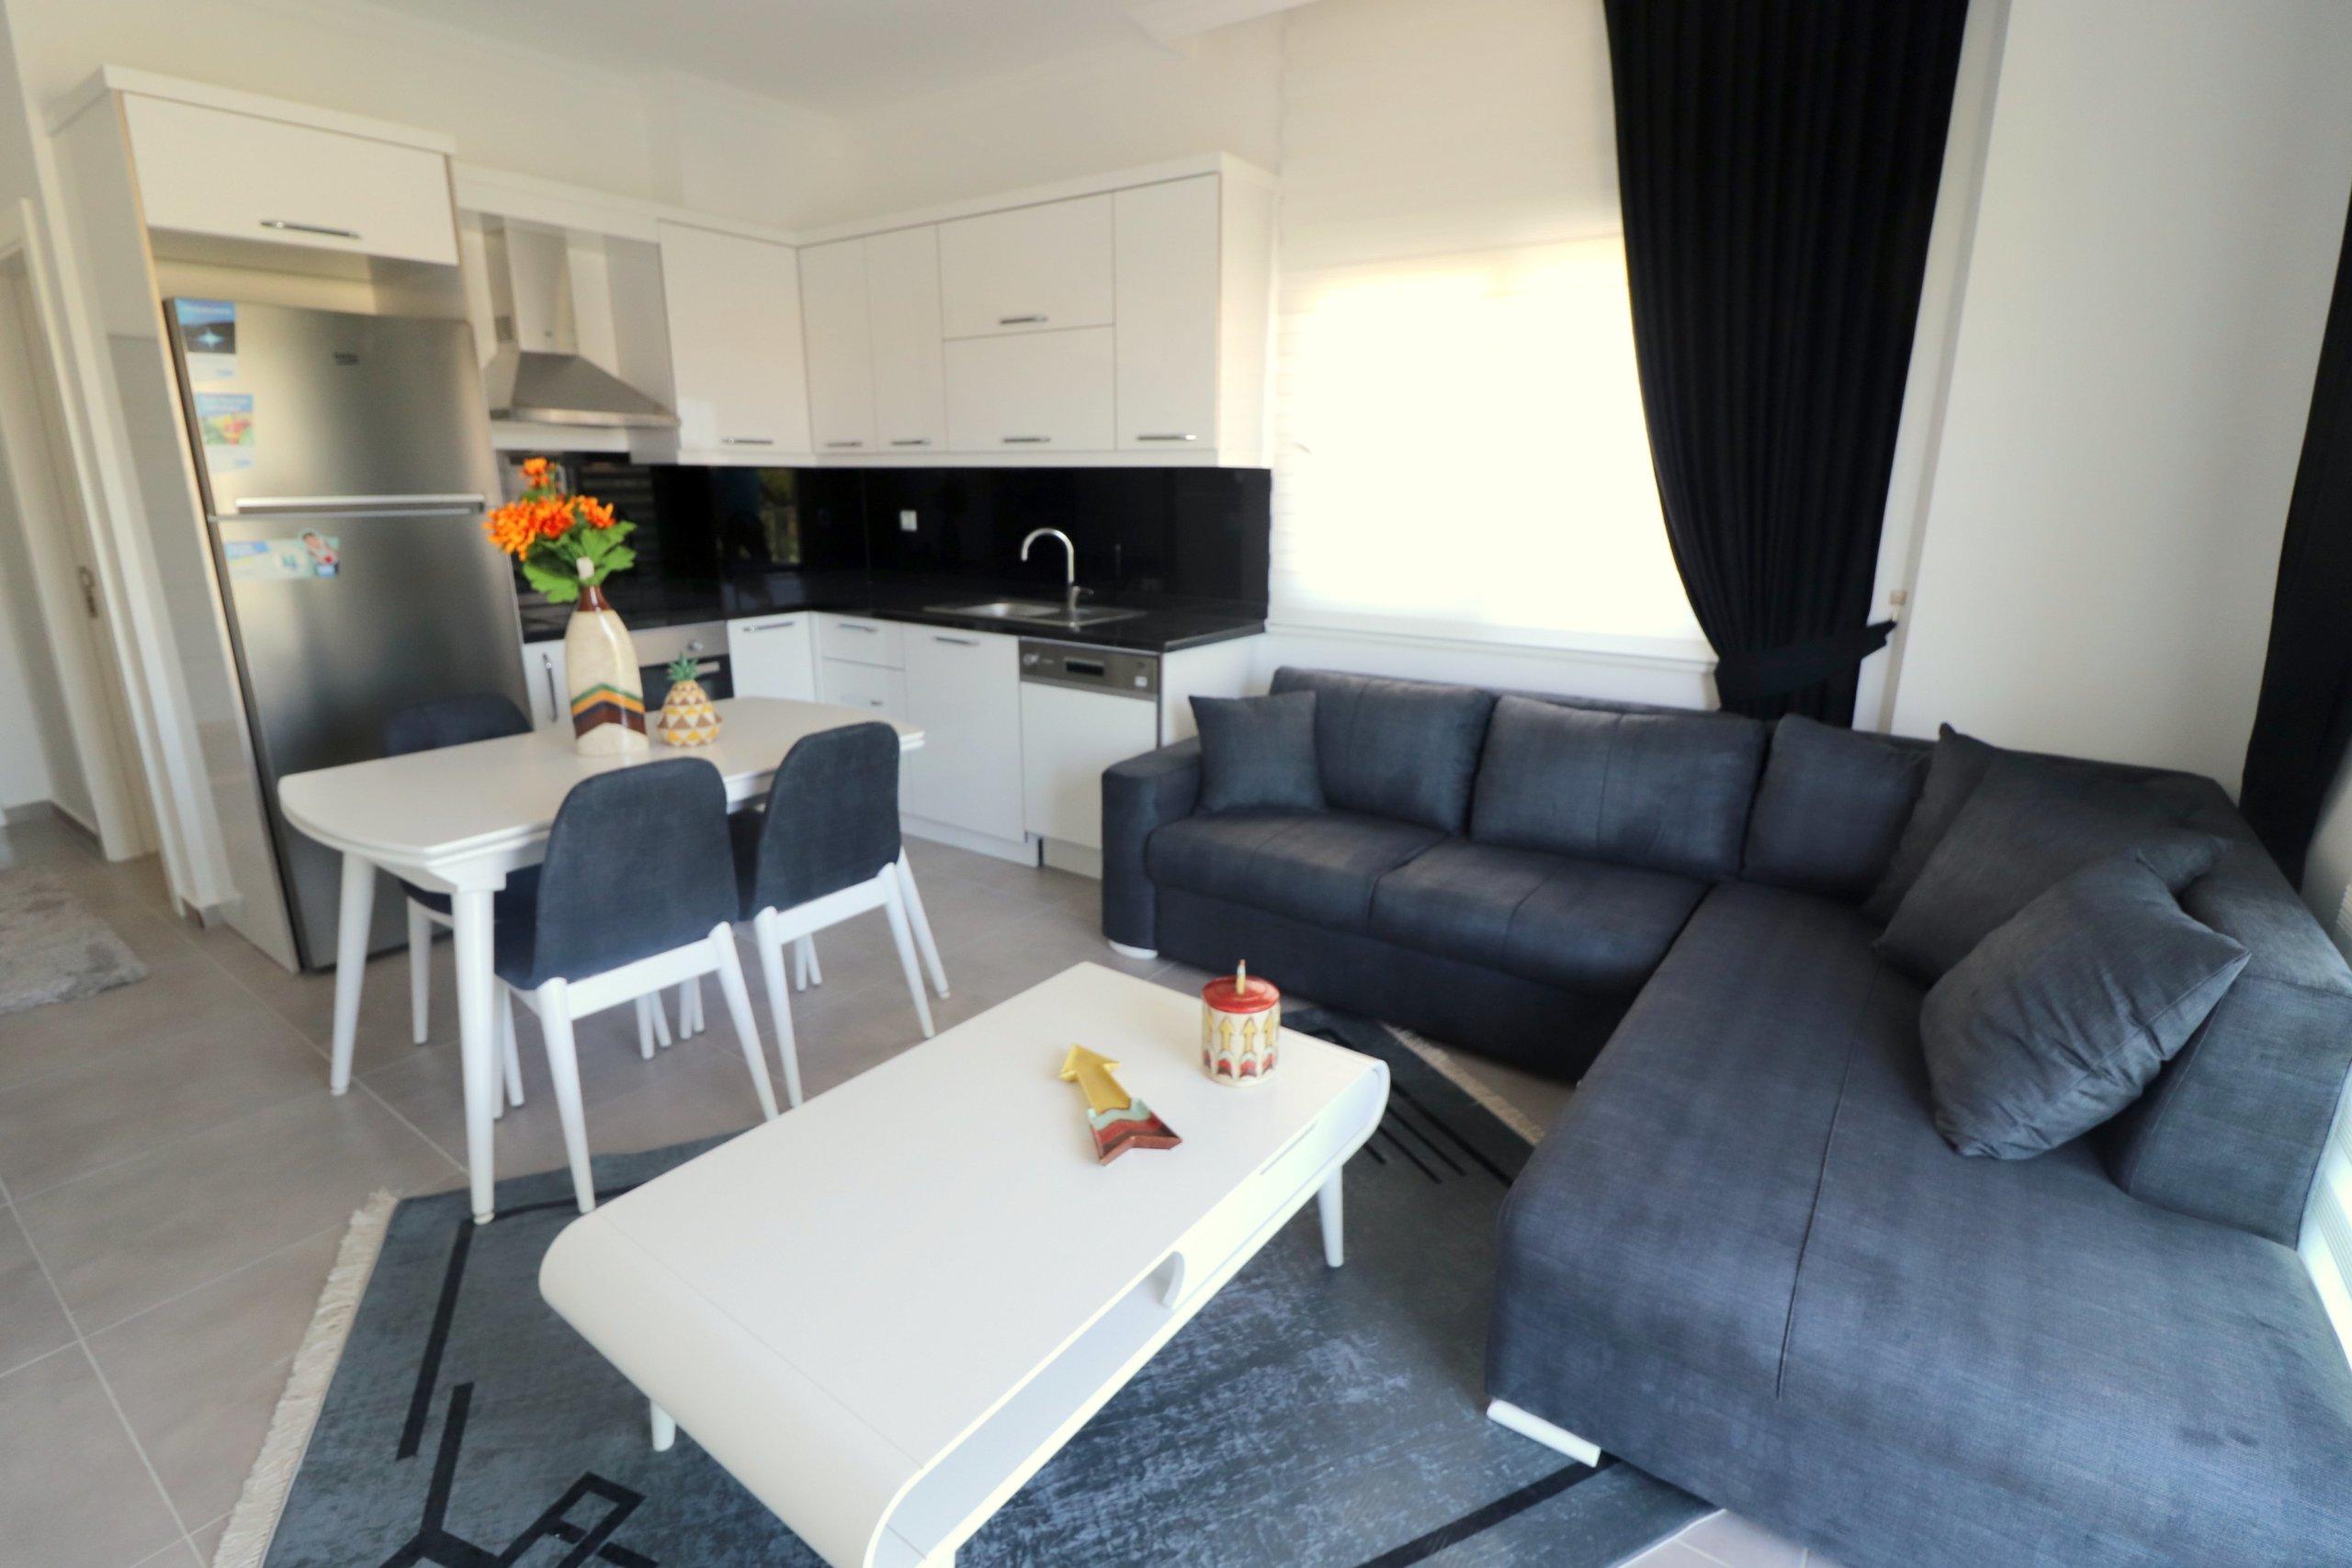 Алания Авсаллар Квартира 1+1в Новом Доме с Мебелью и Техникой